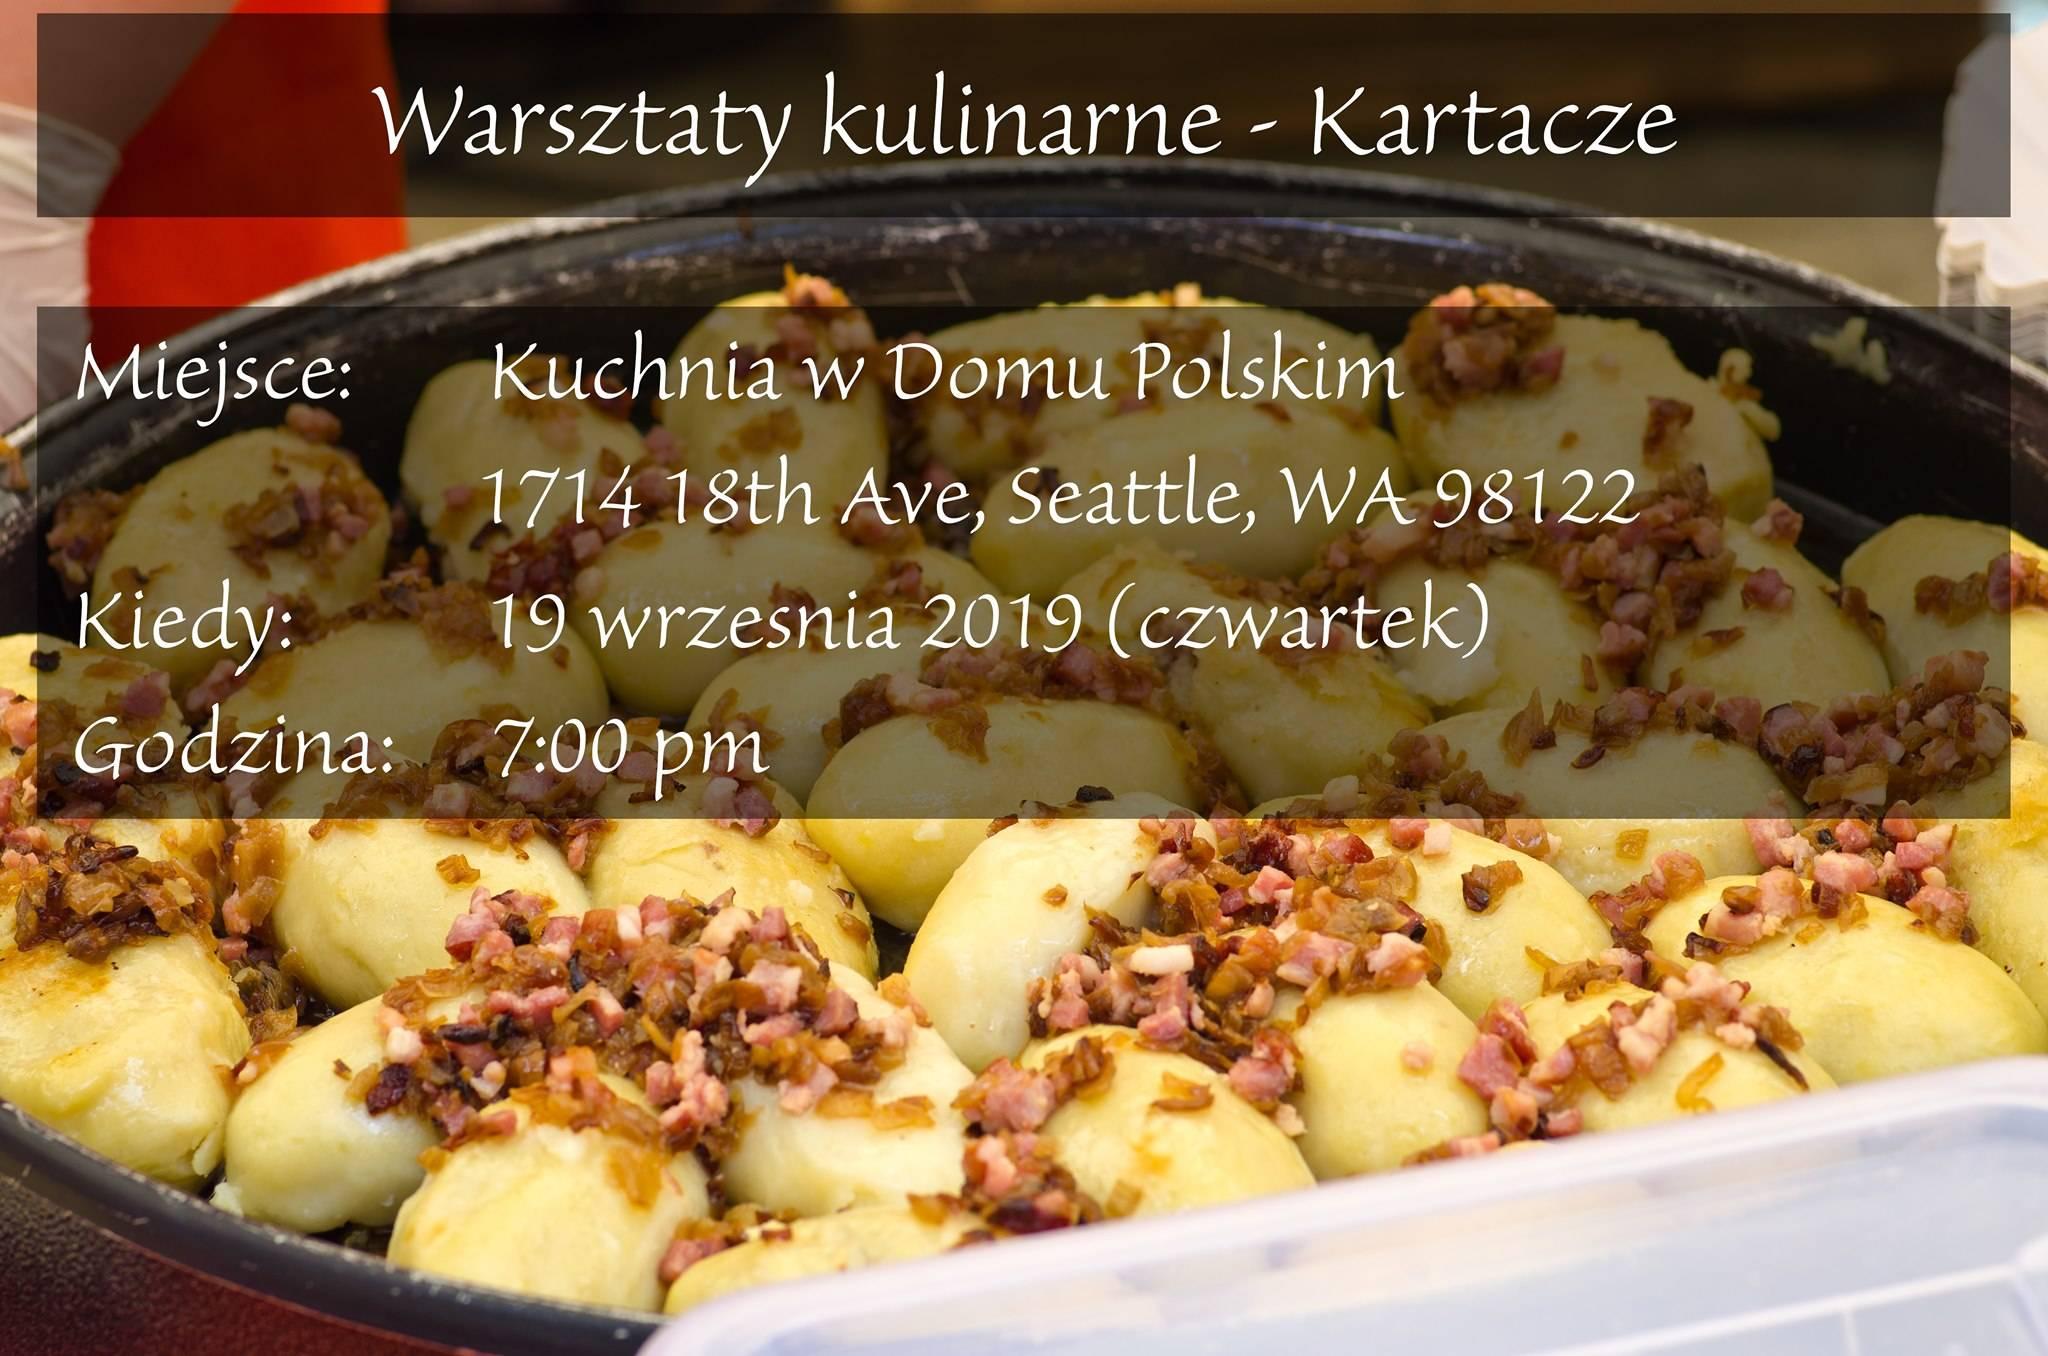 Warsztaty Kulinarne: Kartacze